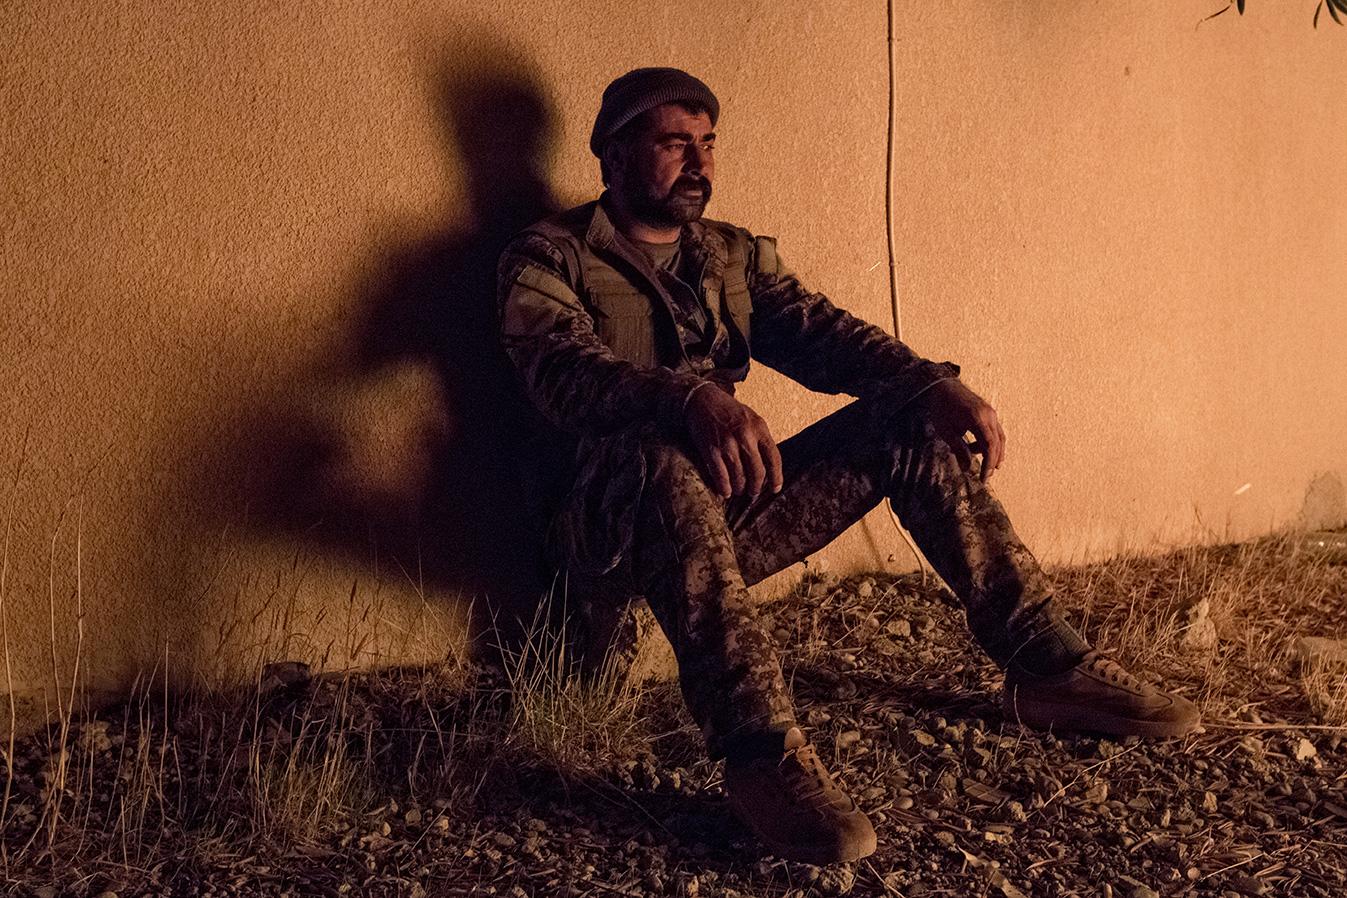 05_pkk-fighter-after-battle-sinjar-resting